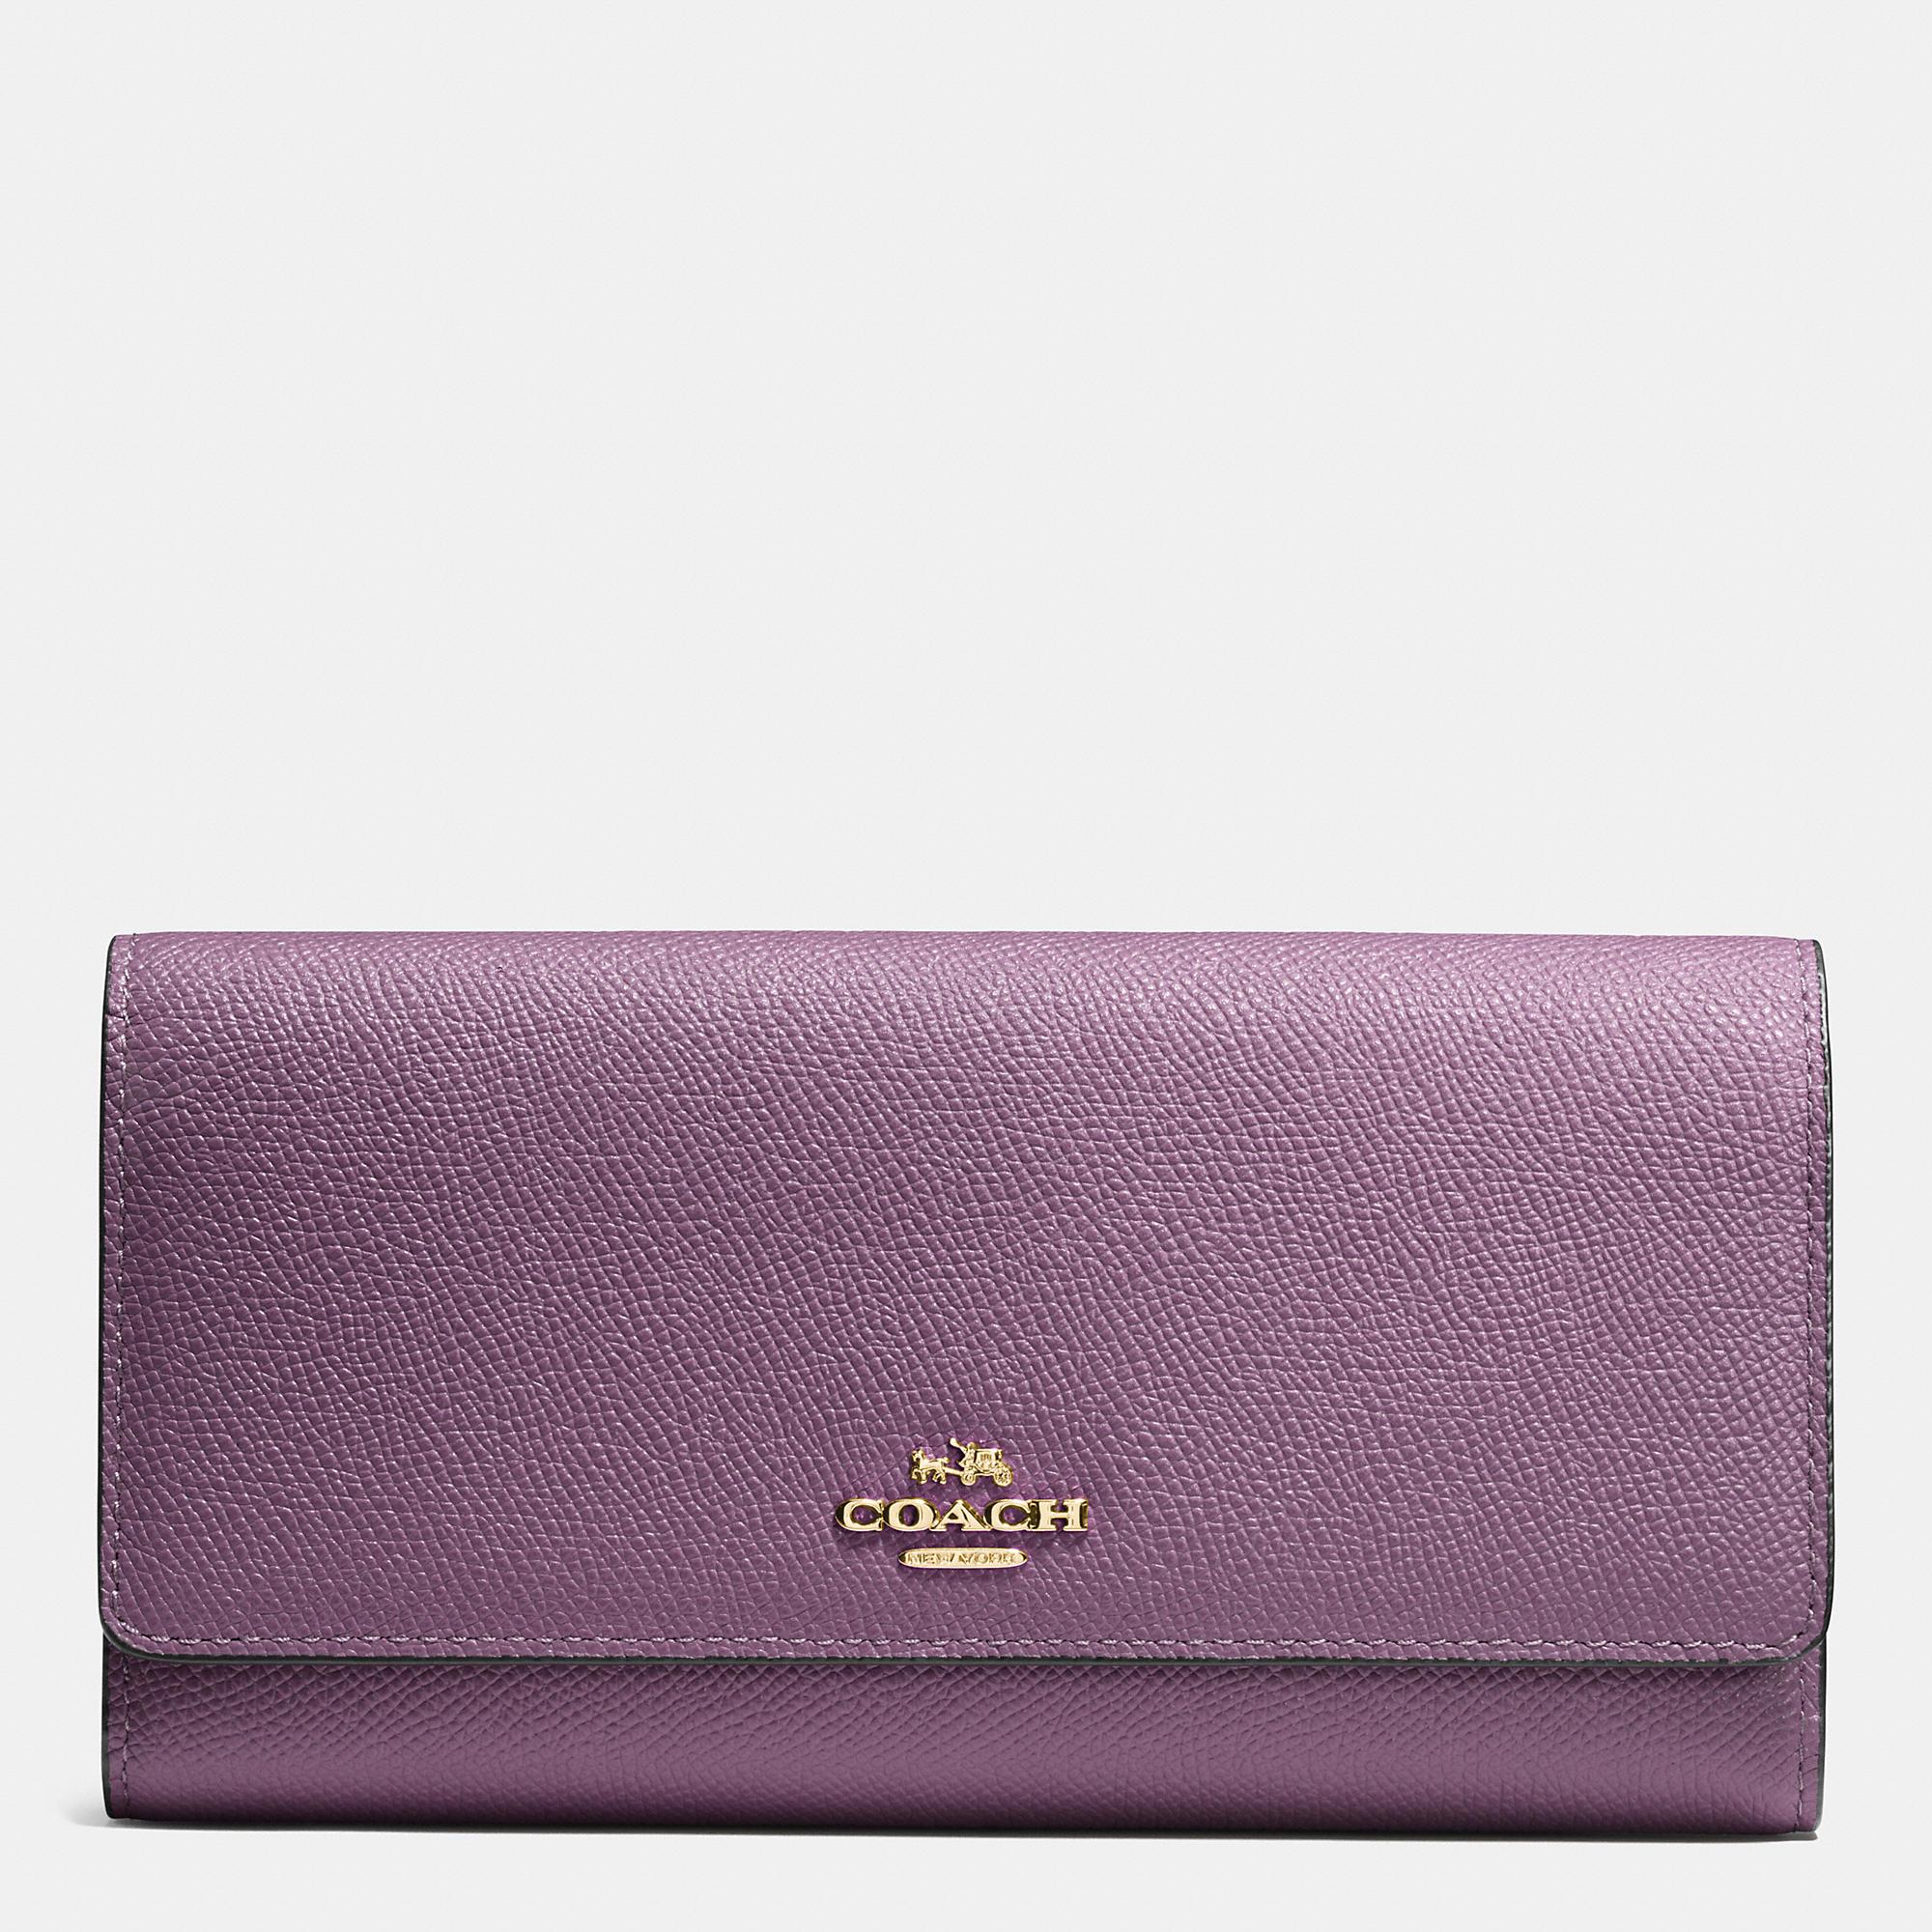 Lyst - COACH Trifold Wallet In Crossgrain Leather in Purple 45bdf0fe46